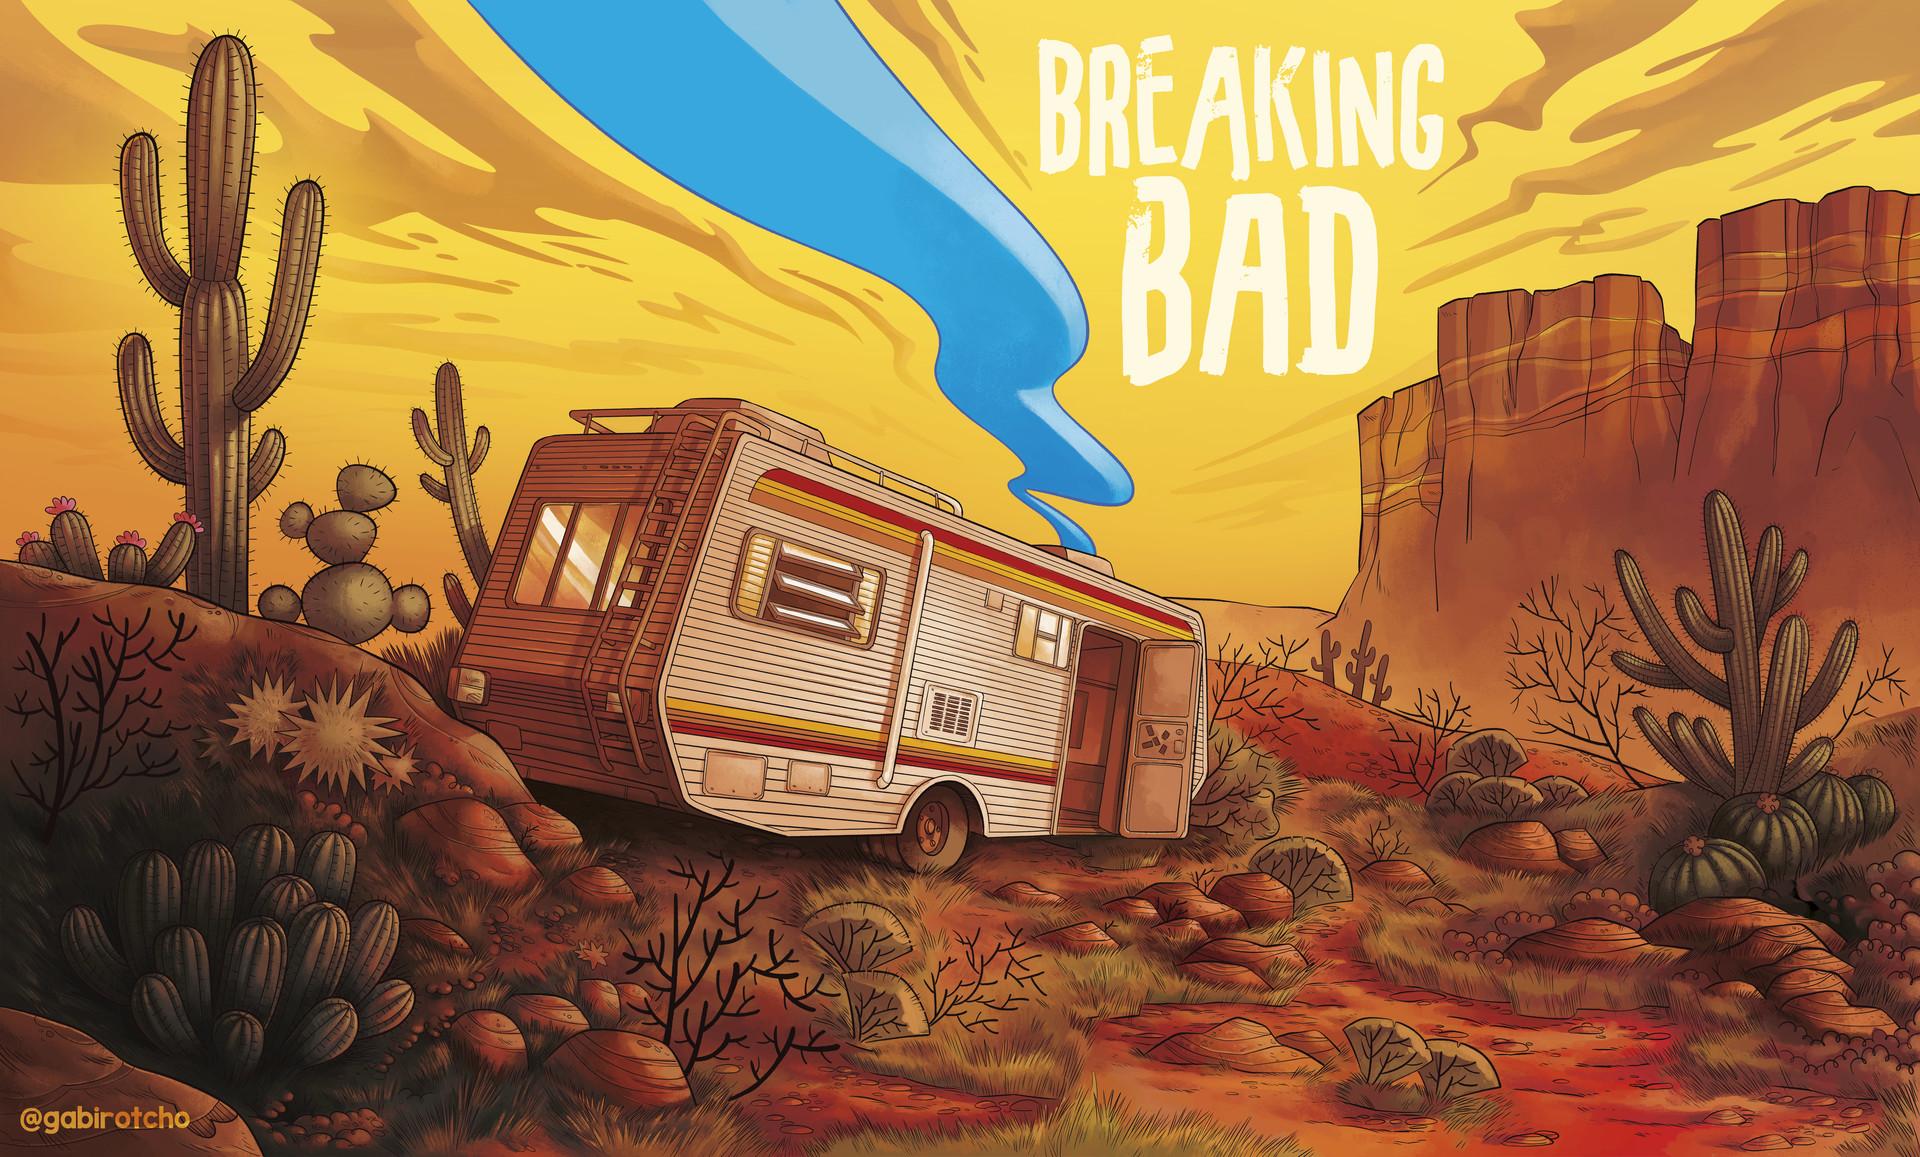 Gabirotcho breaking bx